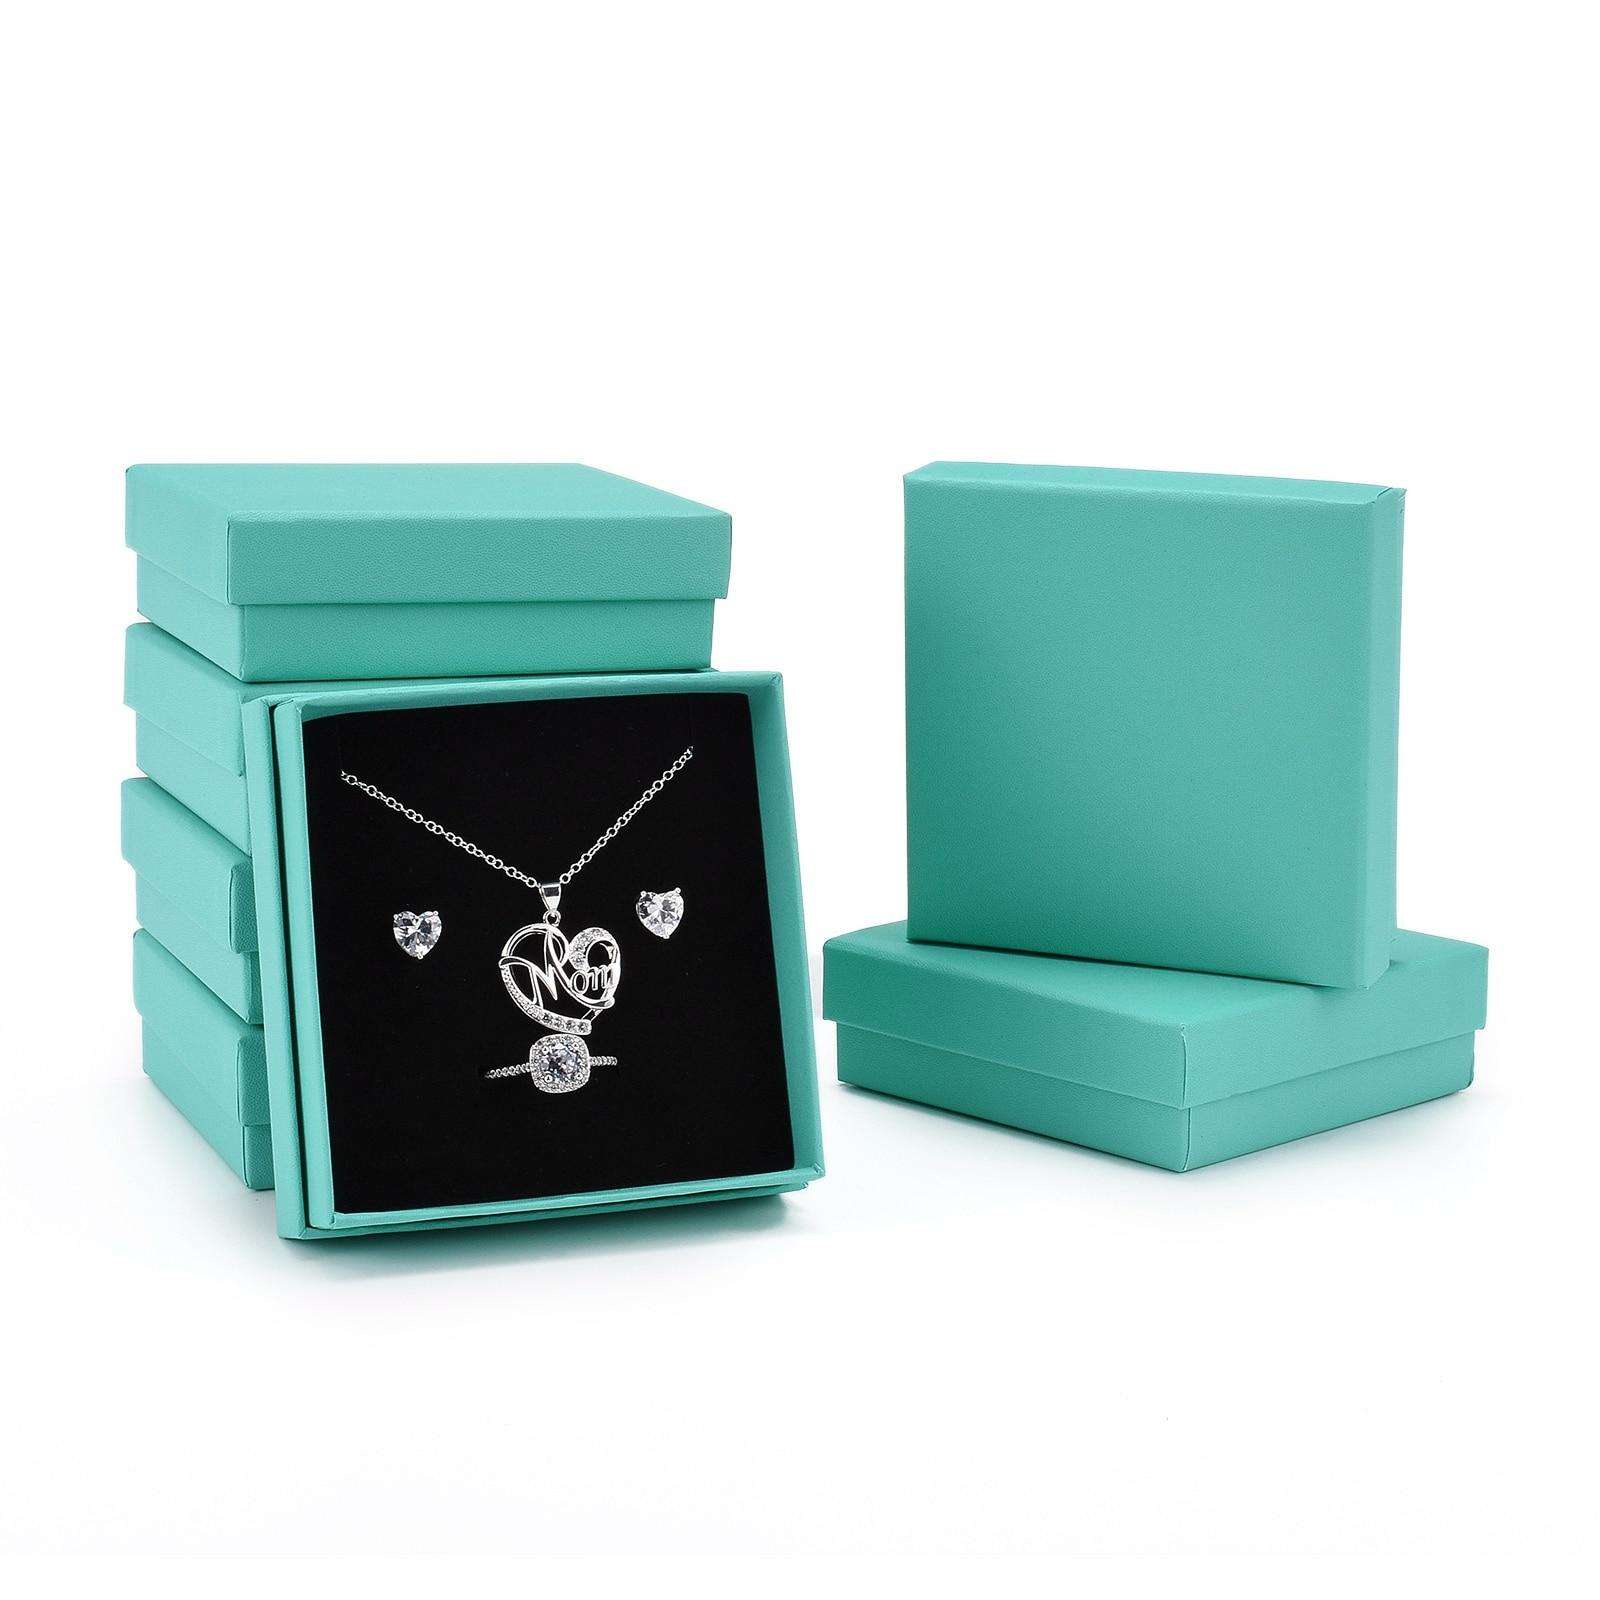 18 шт., картонные подарочные коробки для украшений, 9,1x9,2x2,9 см